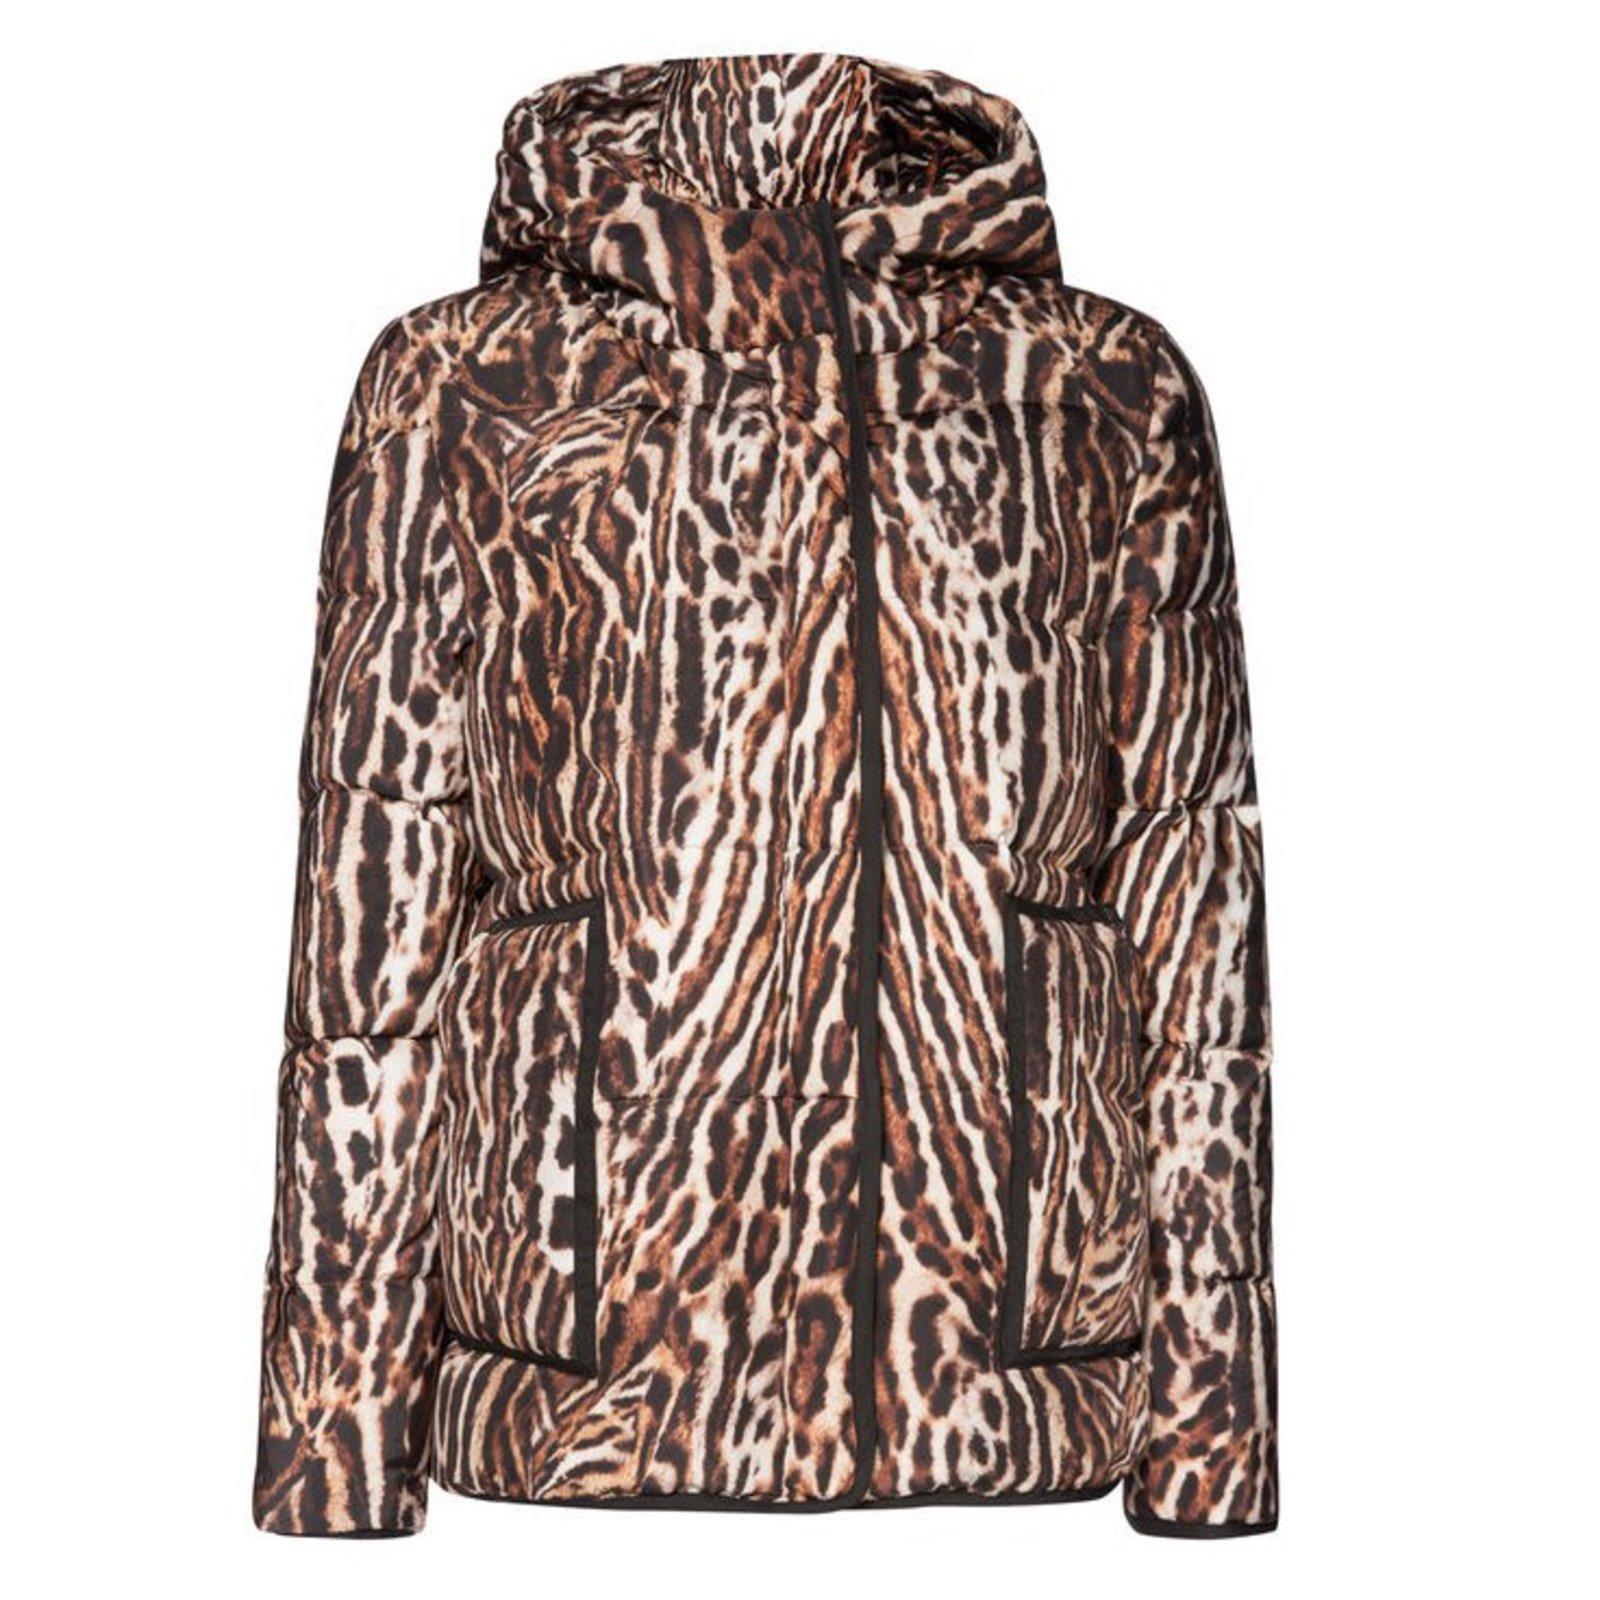 Imprimé 14404 Manteaux ref Doudoune léopard Maje Polyester tCBQdshxr